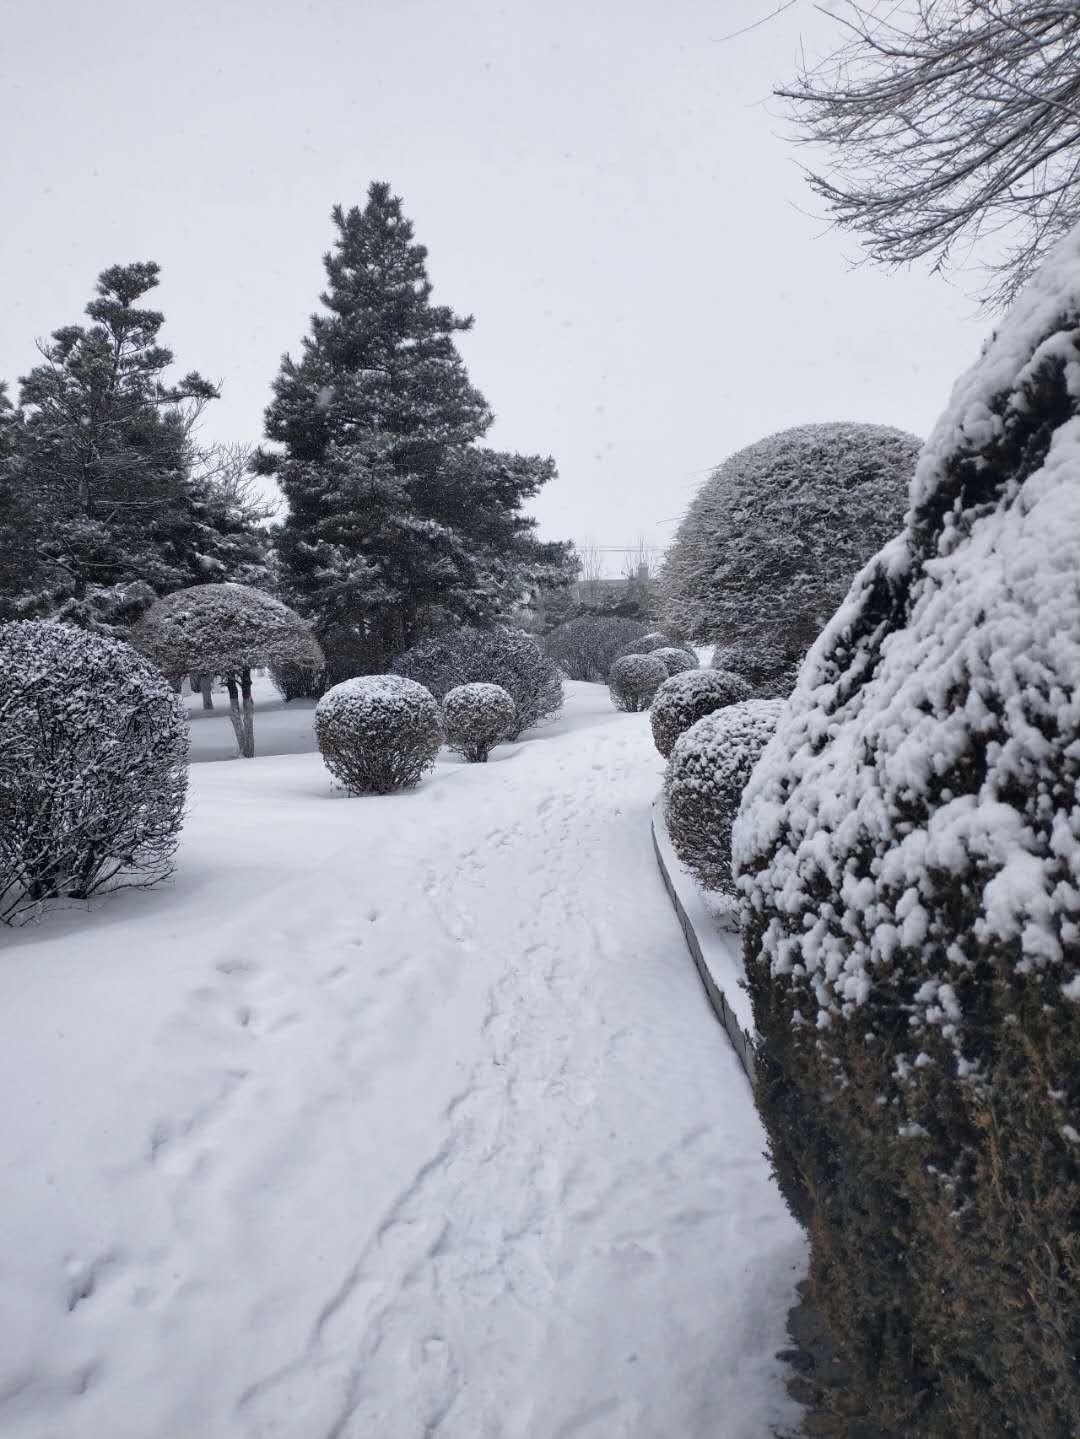 【吉林天气资讯】本周雨雪多升温快,请注意预防感冒